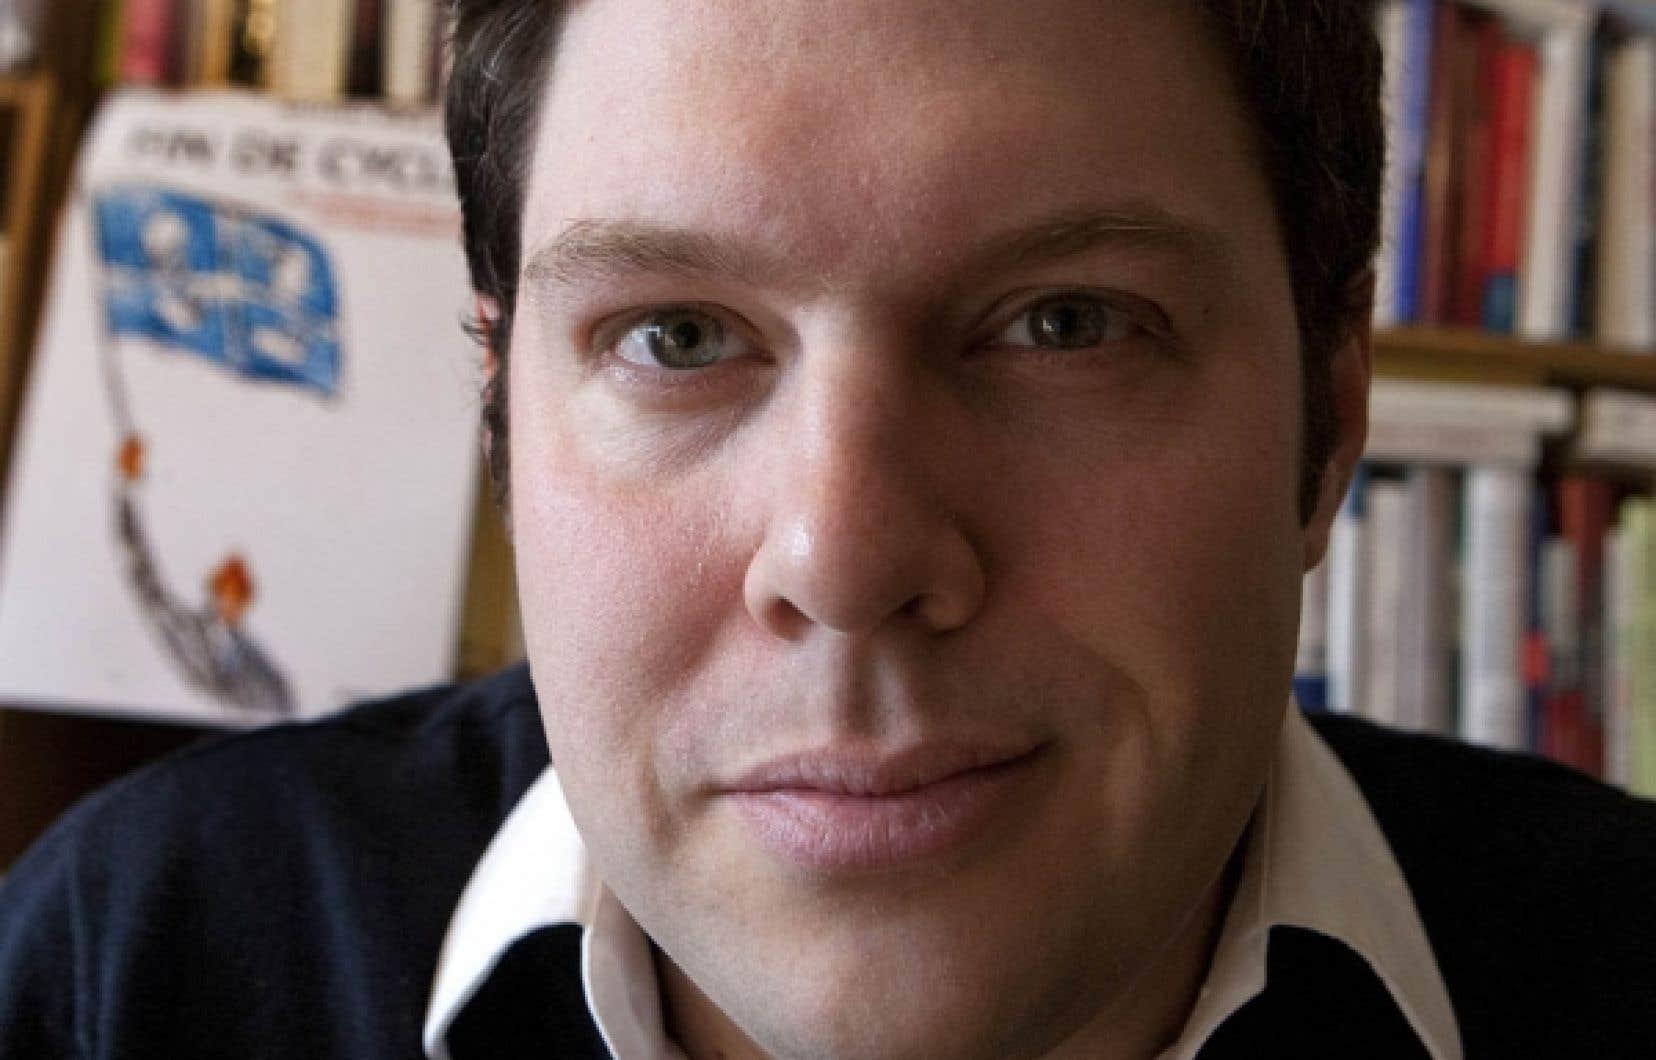 Selon Mathieu Bock-C&ocirc;t&eacute;, la souverainet&eacute; est &laquo;une excellente r&eacute;ponse &agrave; une question qui se pose de moins en moins&raquo;.<br />